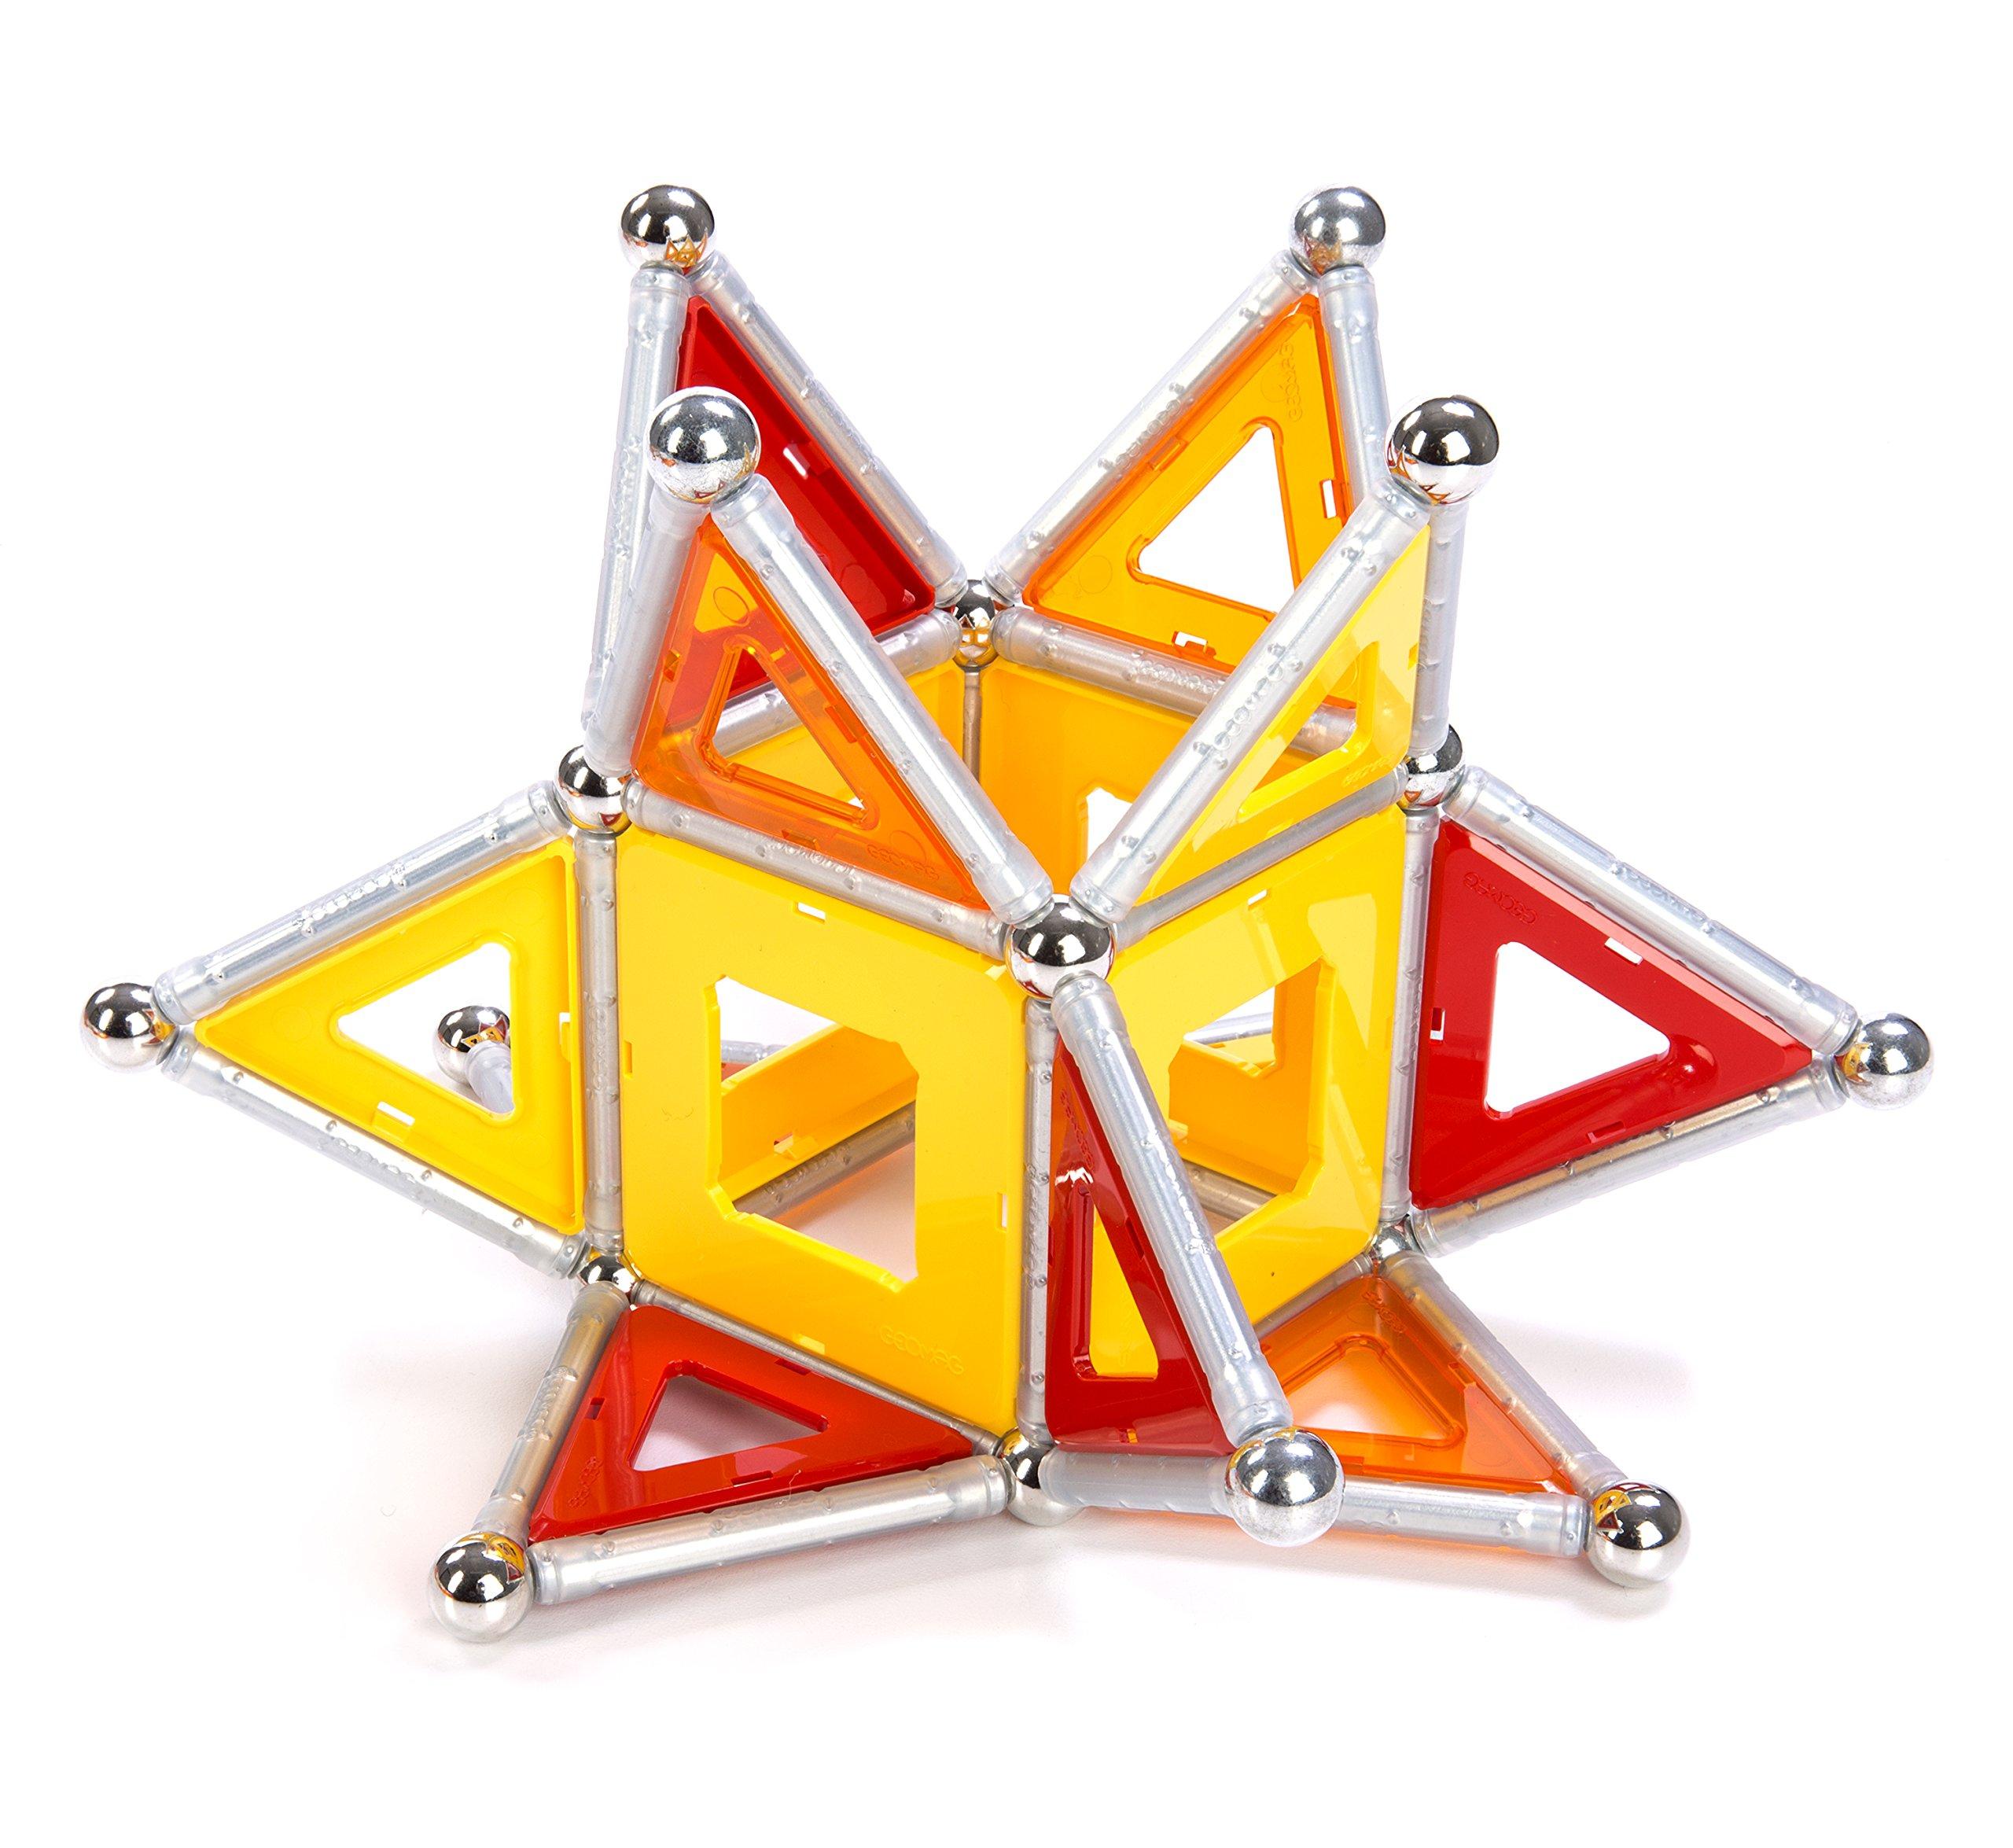 Geomag 453, Classic Panels, Juego de construcción magnético, 104 Piezas, Multicolor: Amazon.es: Juguetes y juegos